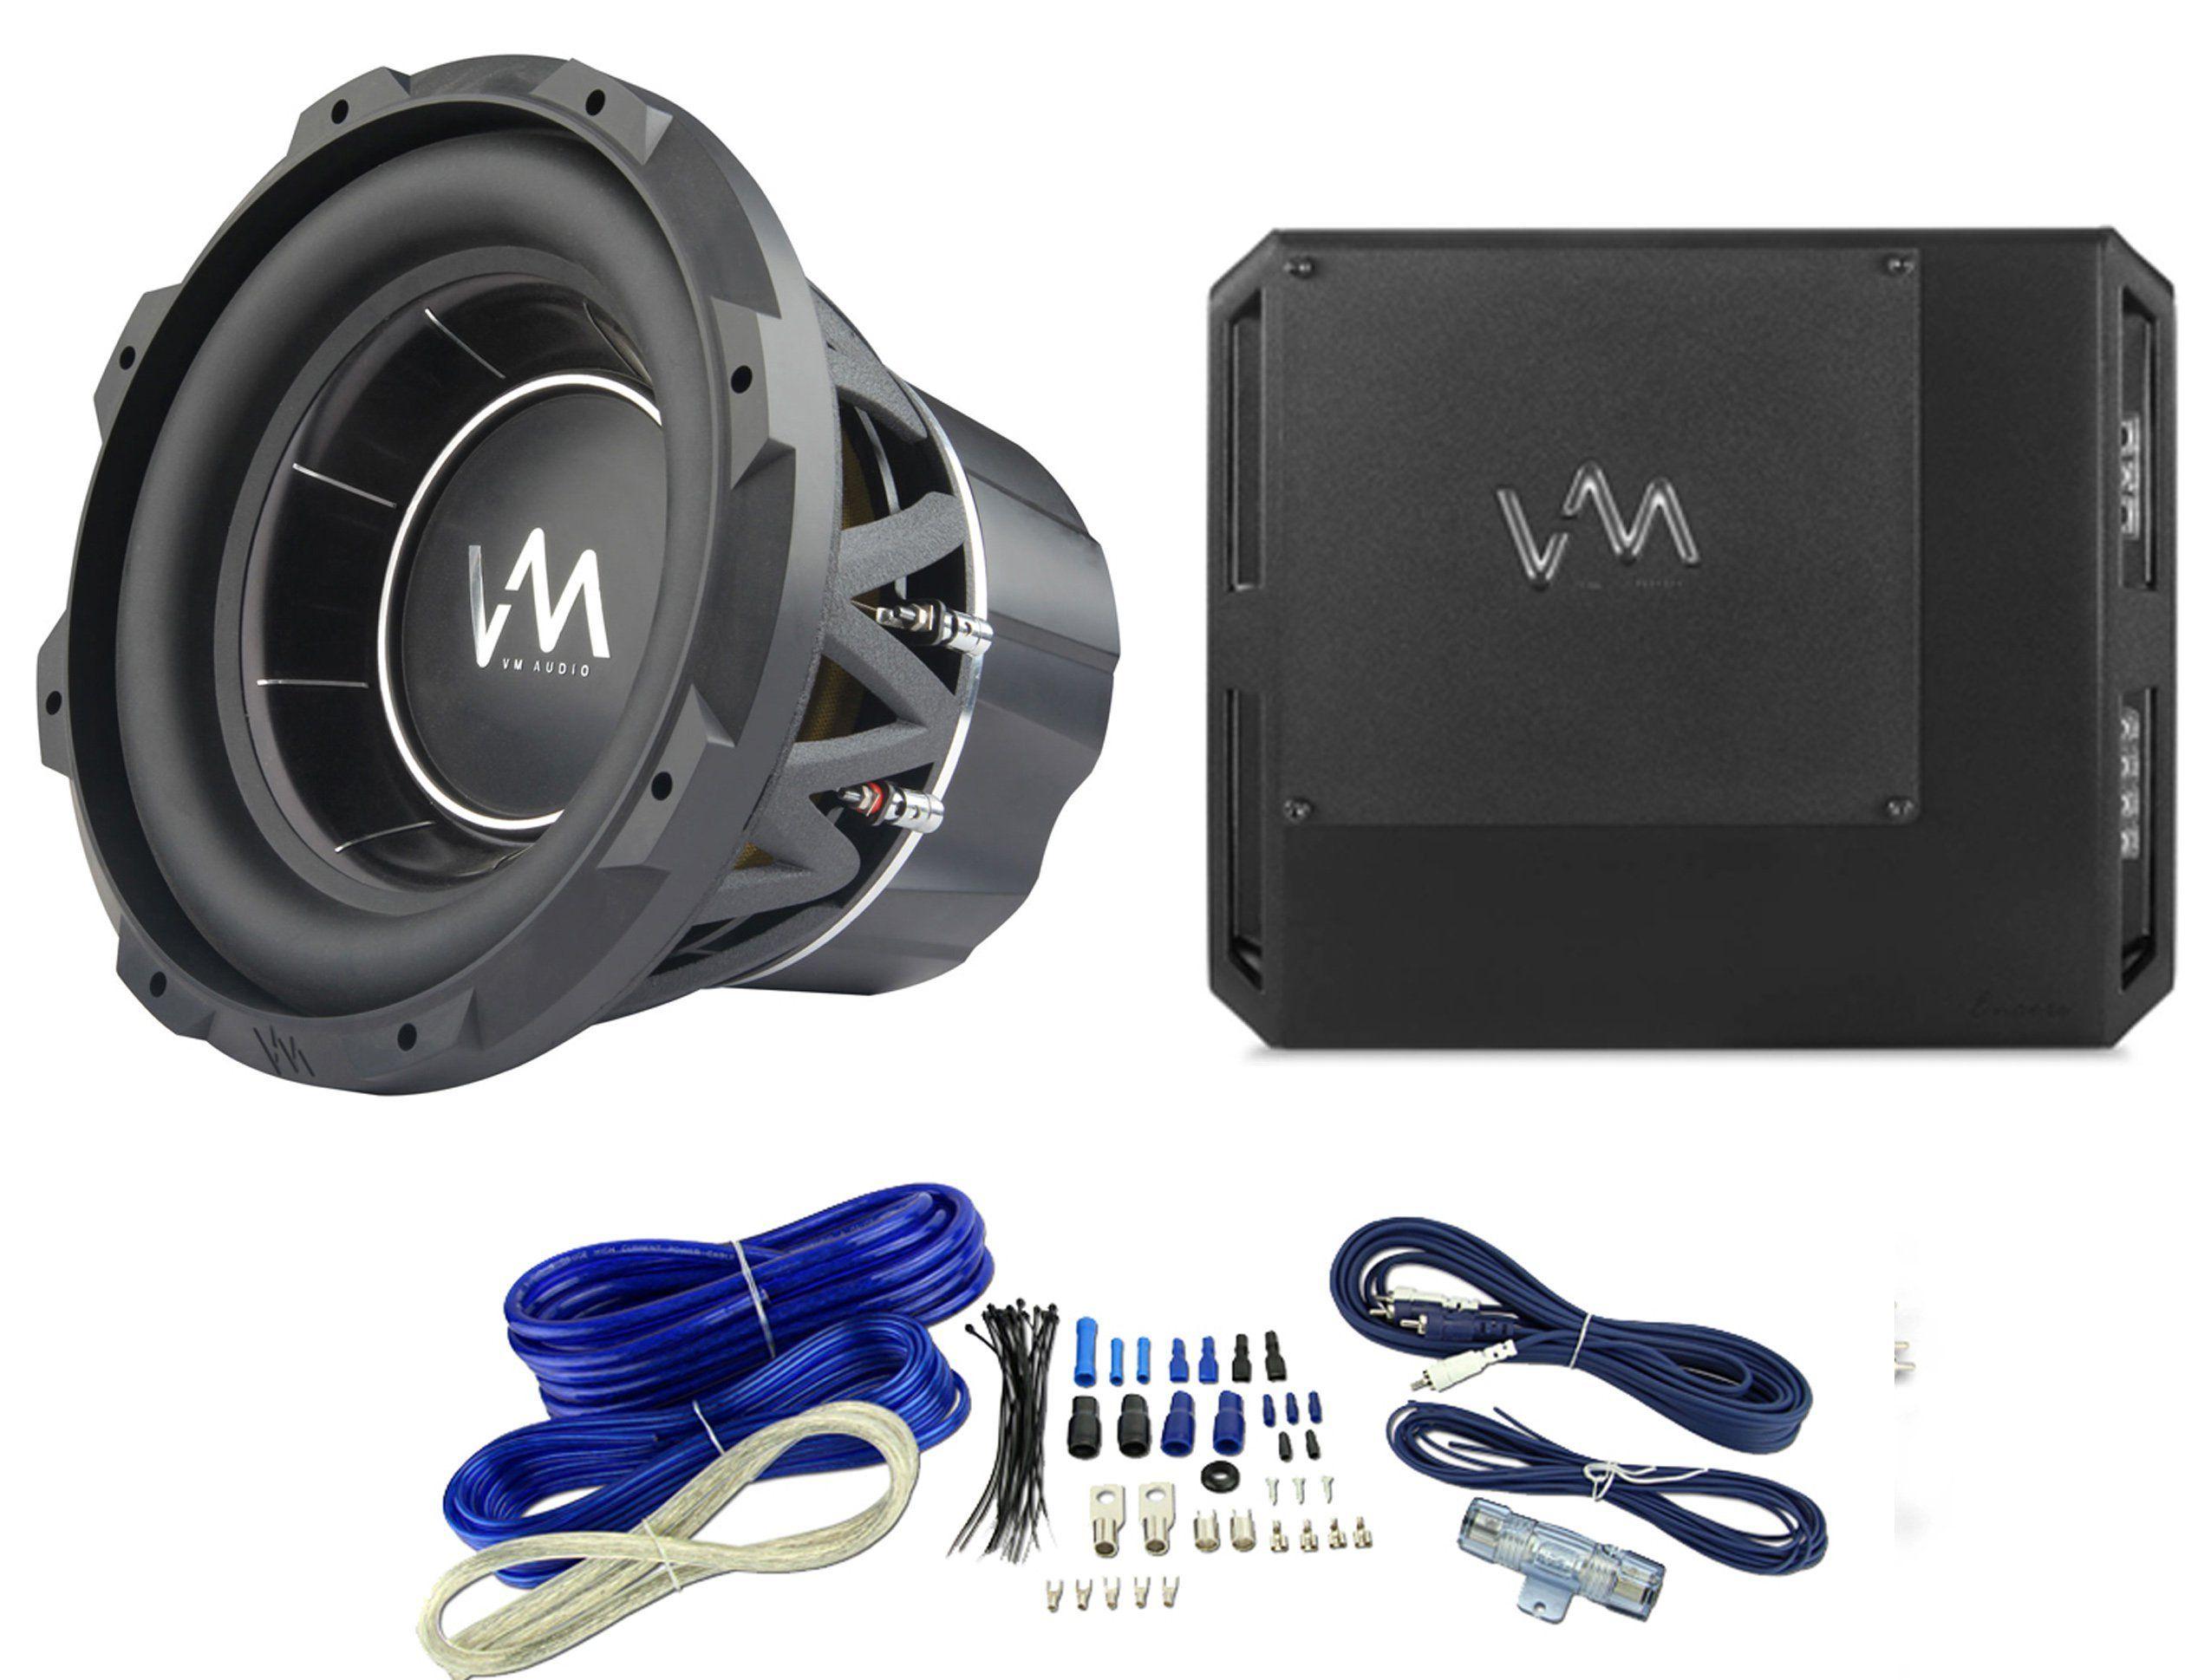 VM Audio ECW120 12  Encore Comp Sub + ECD1500.1 Class D Amplifier + Wiring Kit. VM Audio ECW120 12  High Excursion Competition Subwoofer - RMS Power 1500 ...  sc 1 st  Pinterest : sub wiring kit - yogabreezes.com